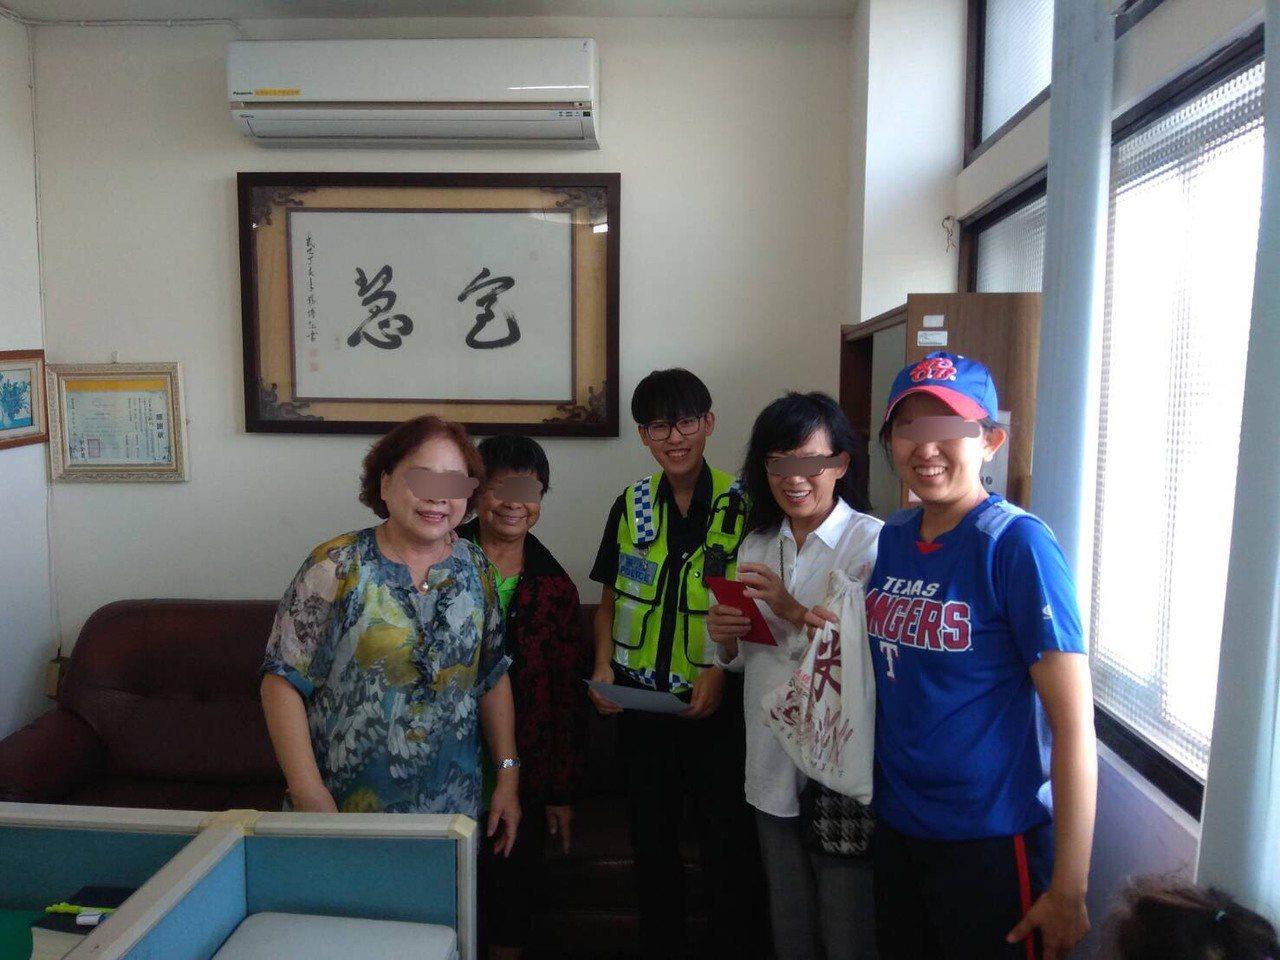 台中市白姓女子(右二)昨天在東區三賢公園附近遺失現金8萬多元,好心的林姓婦人(左...